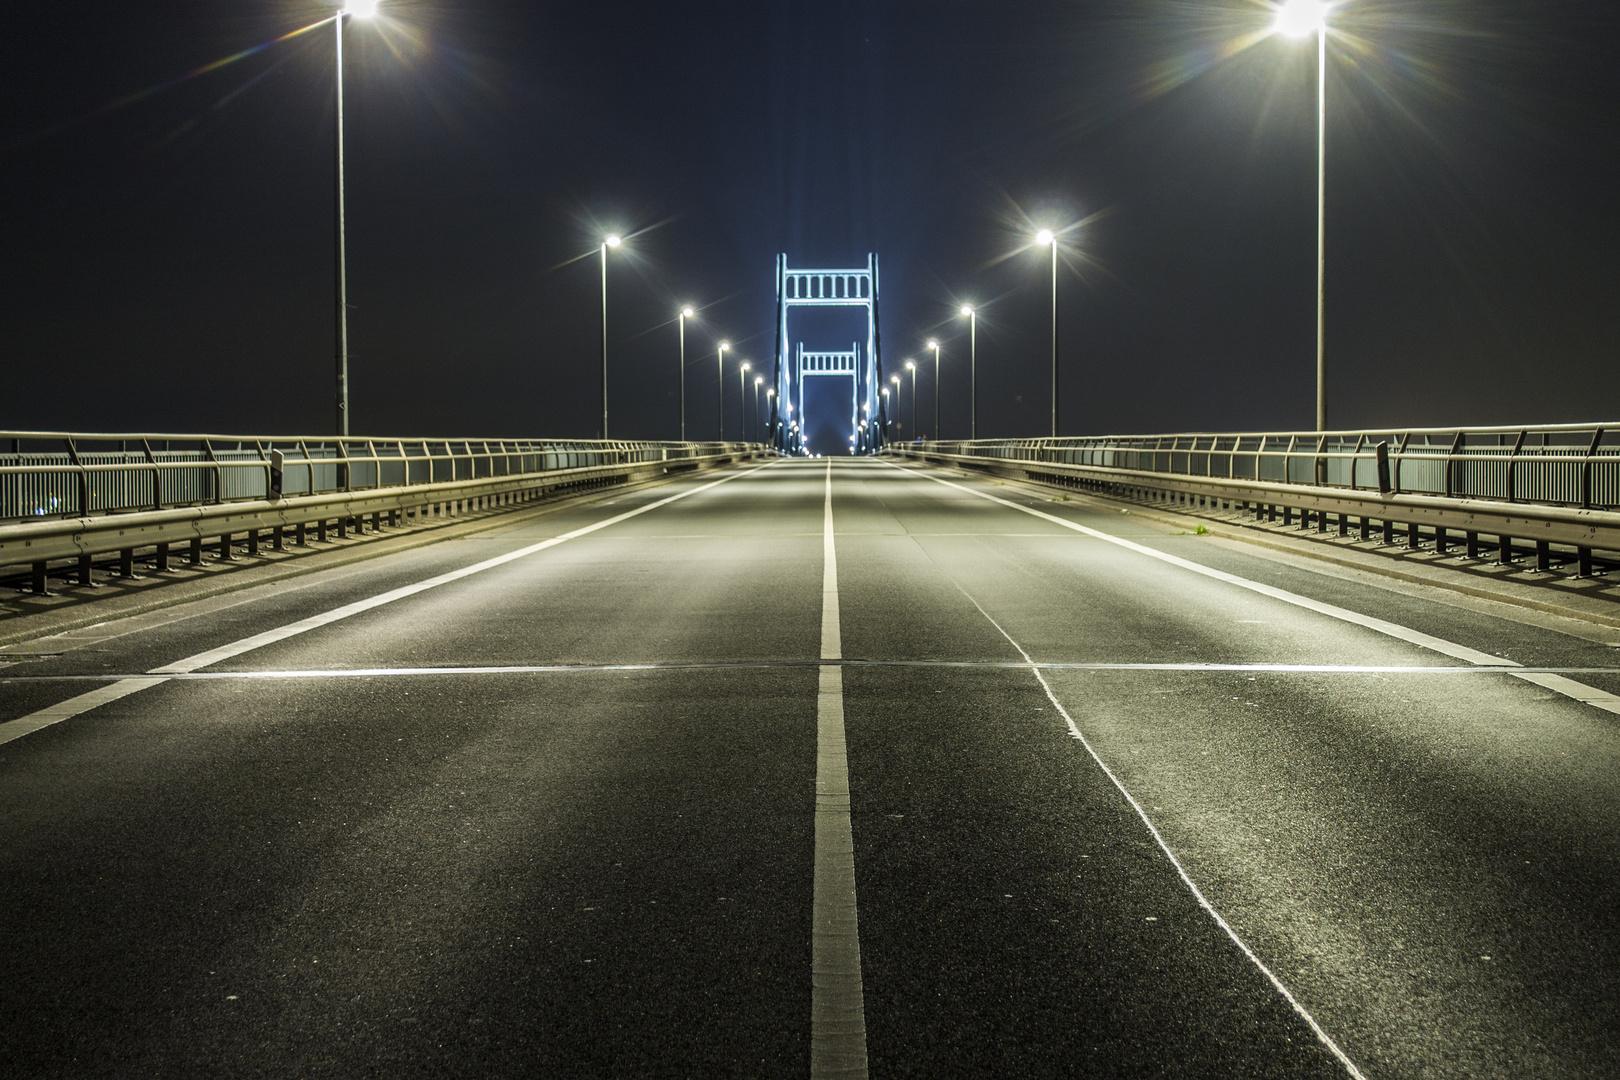 Krefeld-Uerdinger Brücke at Night